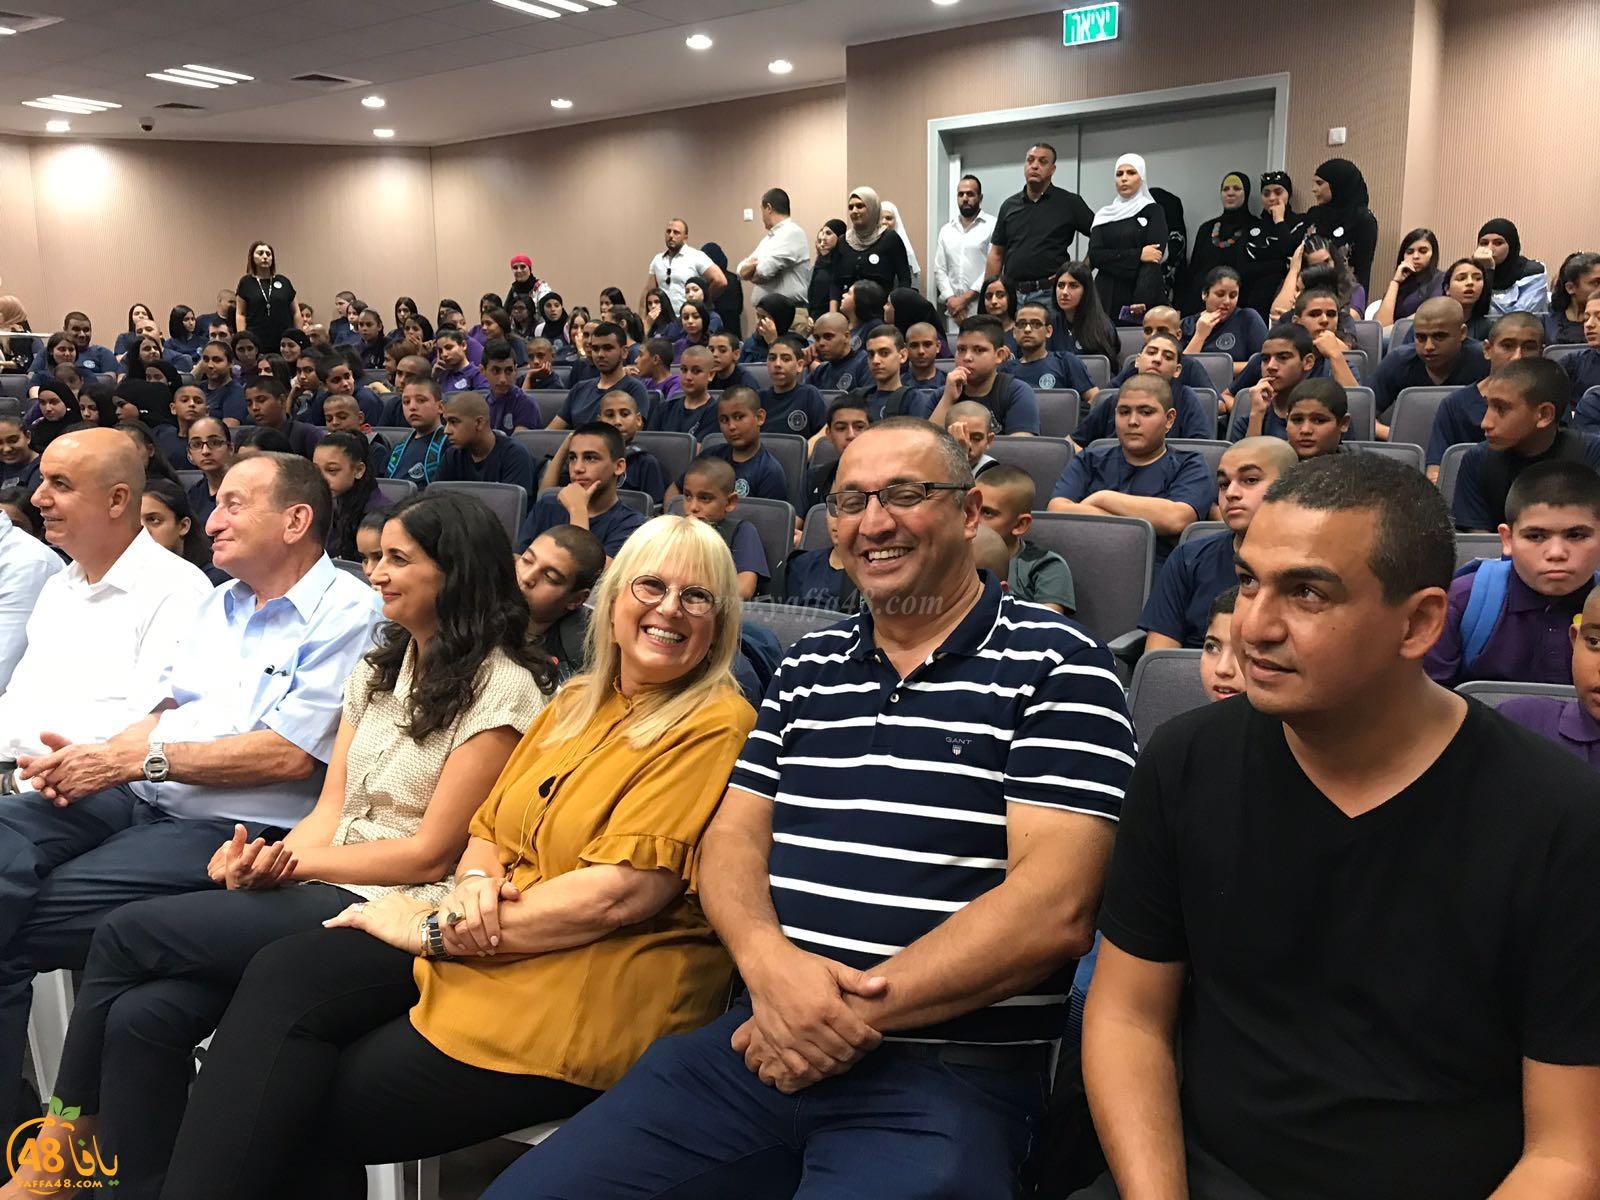 بالصور: وفد من وزارة المعارف ورئاسة البلدية في زيارة لمدارس يافا الثانوية